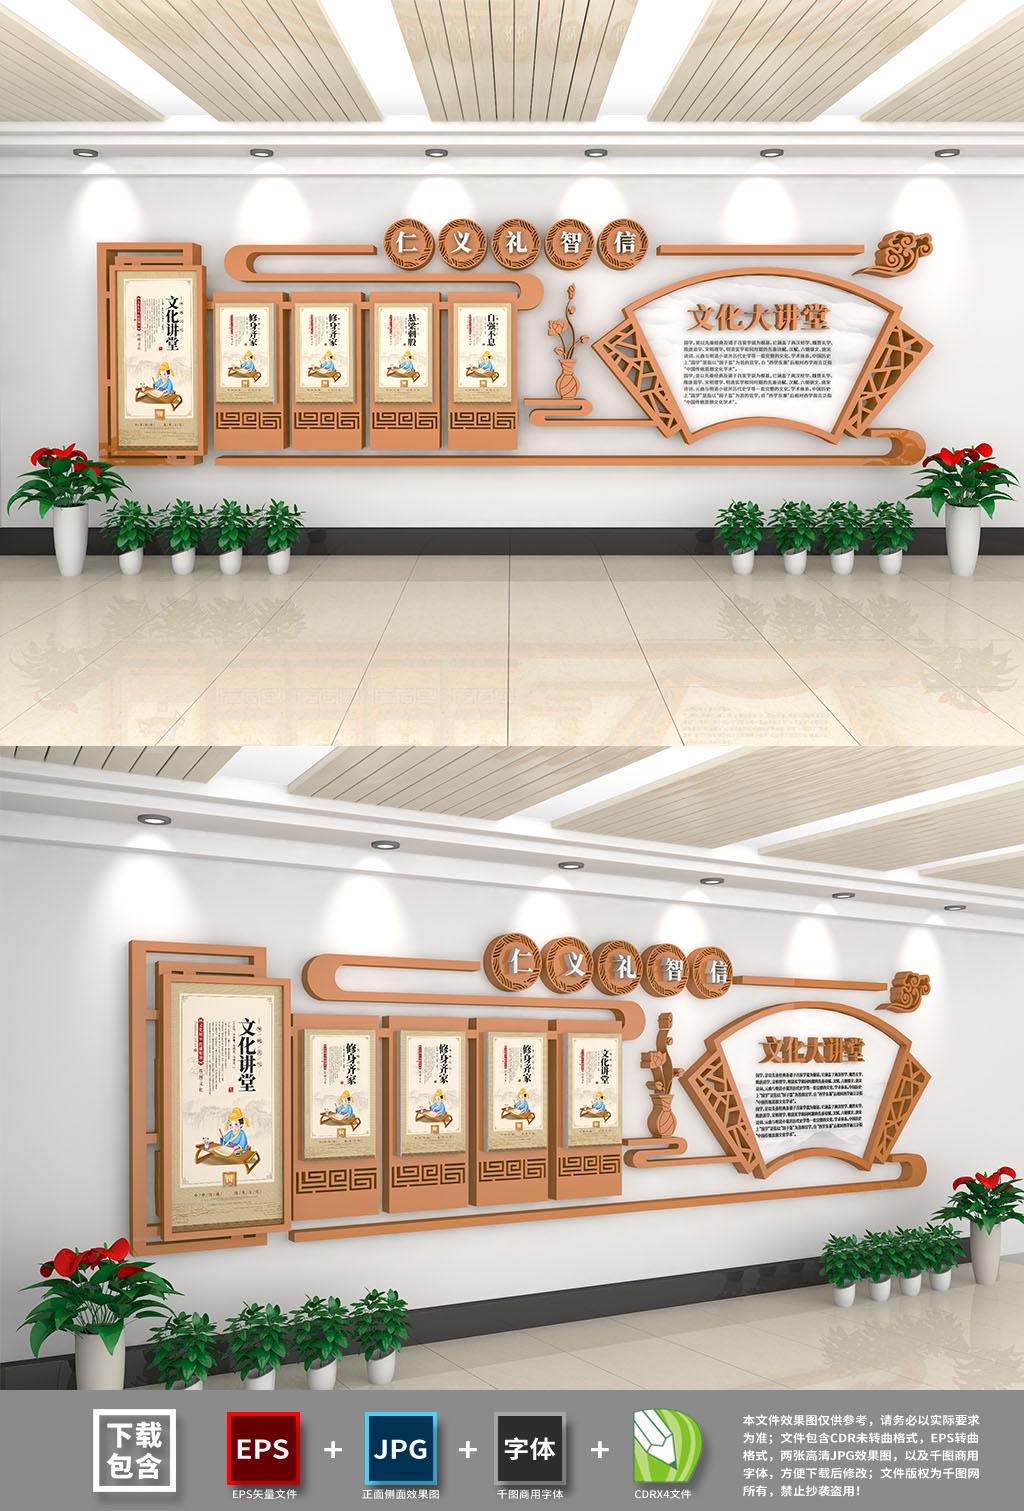 创意新式中国风文化讲堂传统美德校园文化墙插图